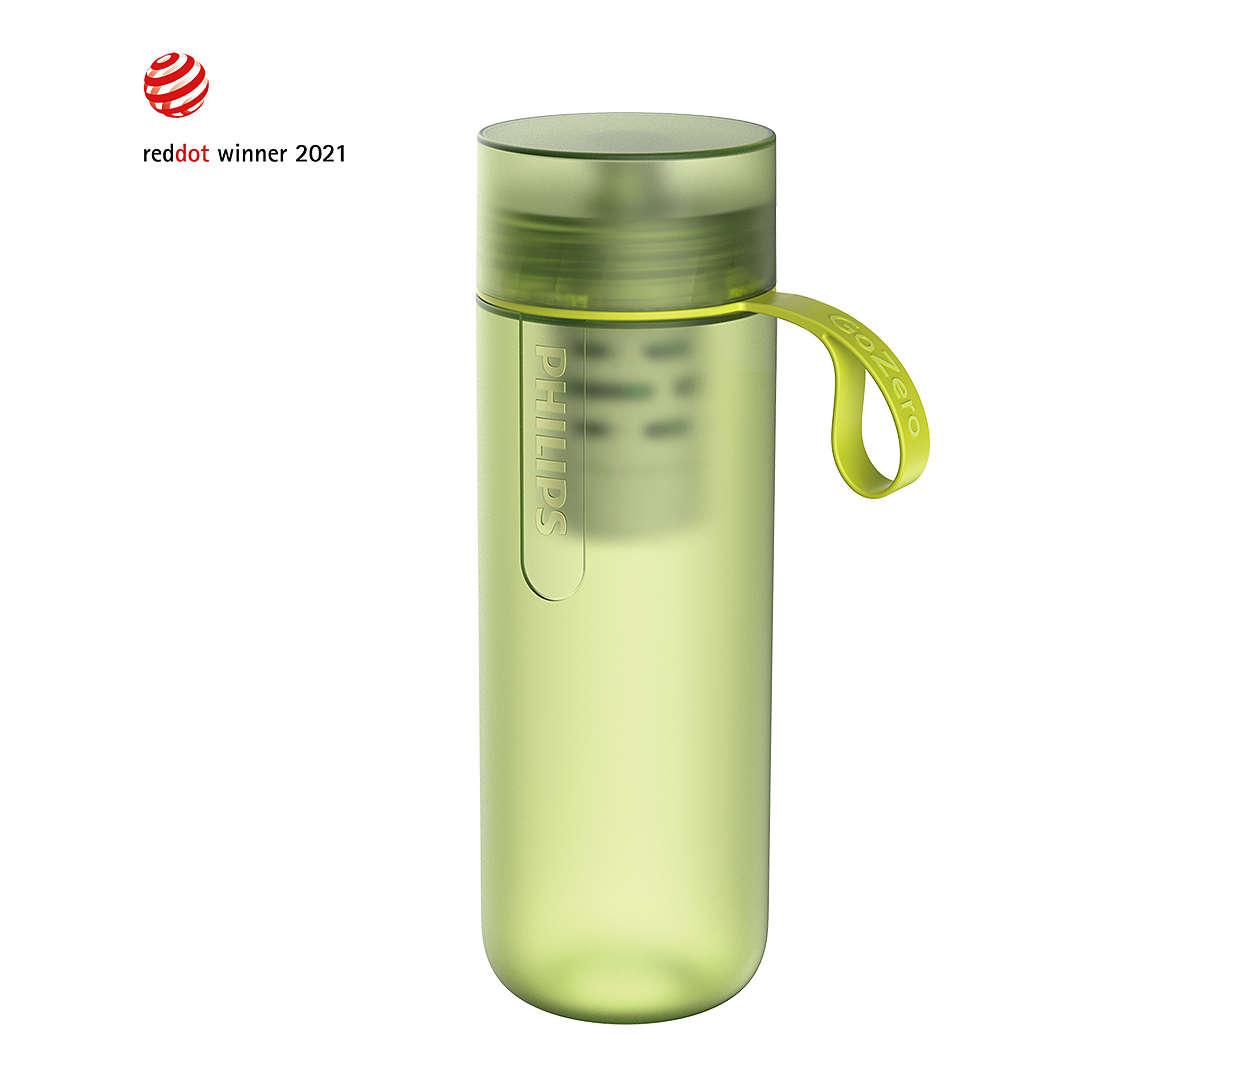 Чистая вода для активности на открытом воздухе!